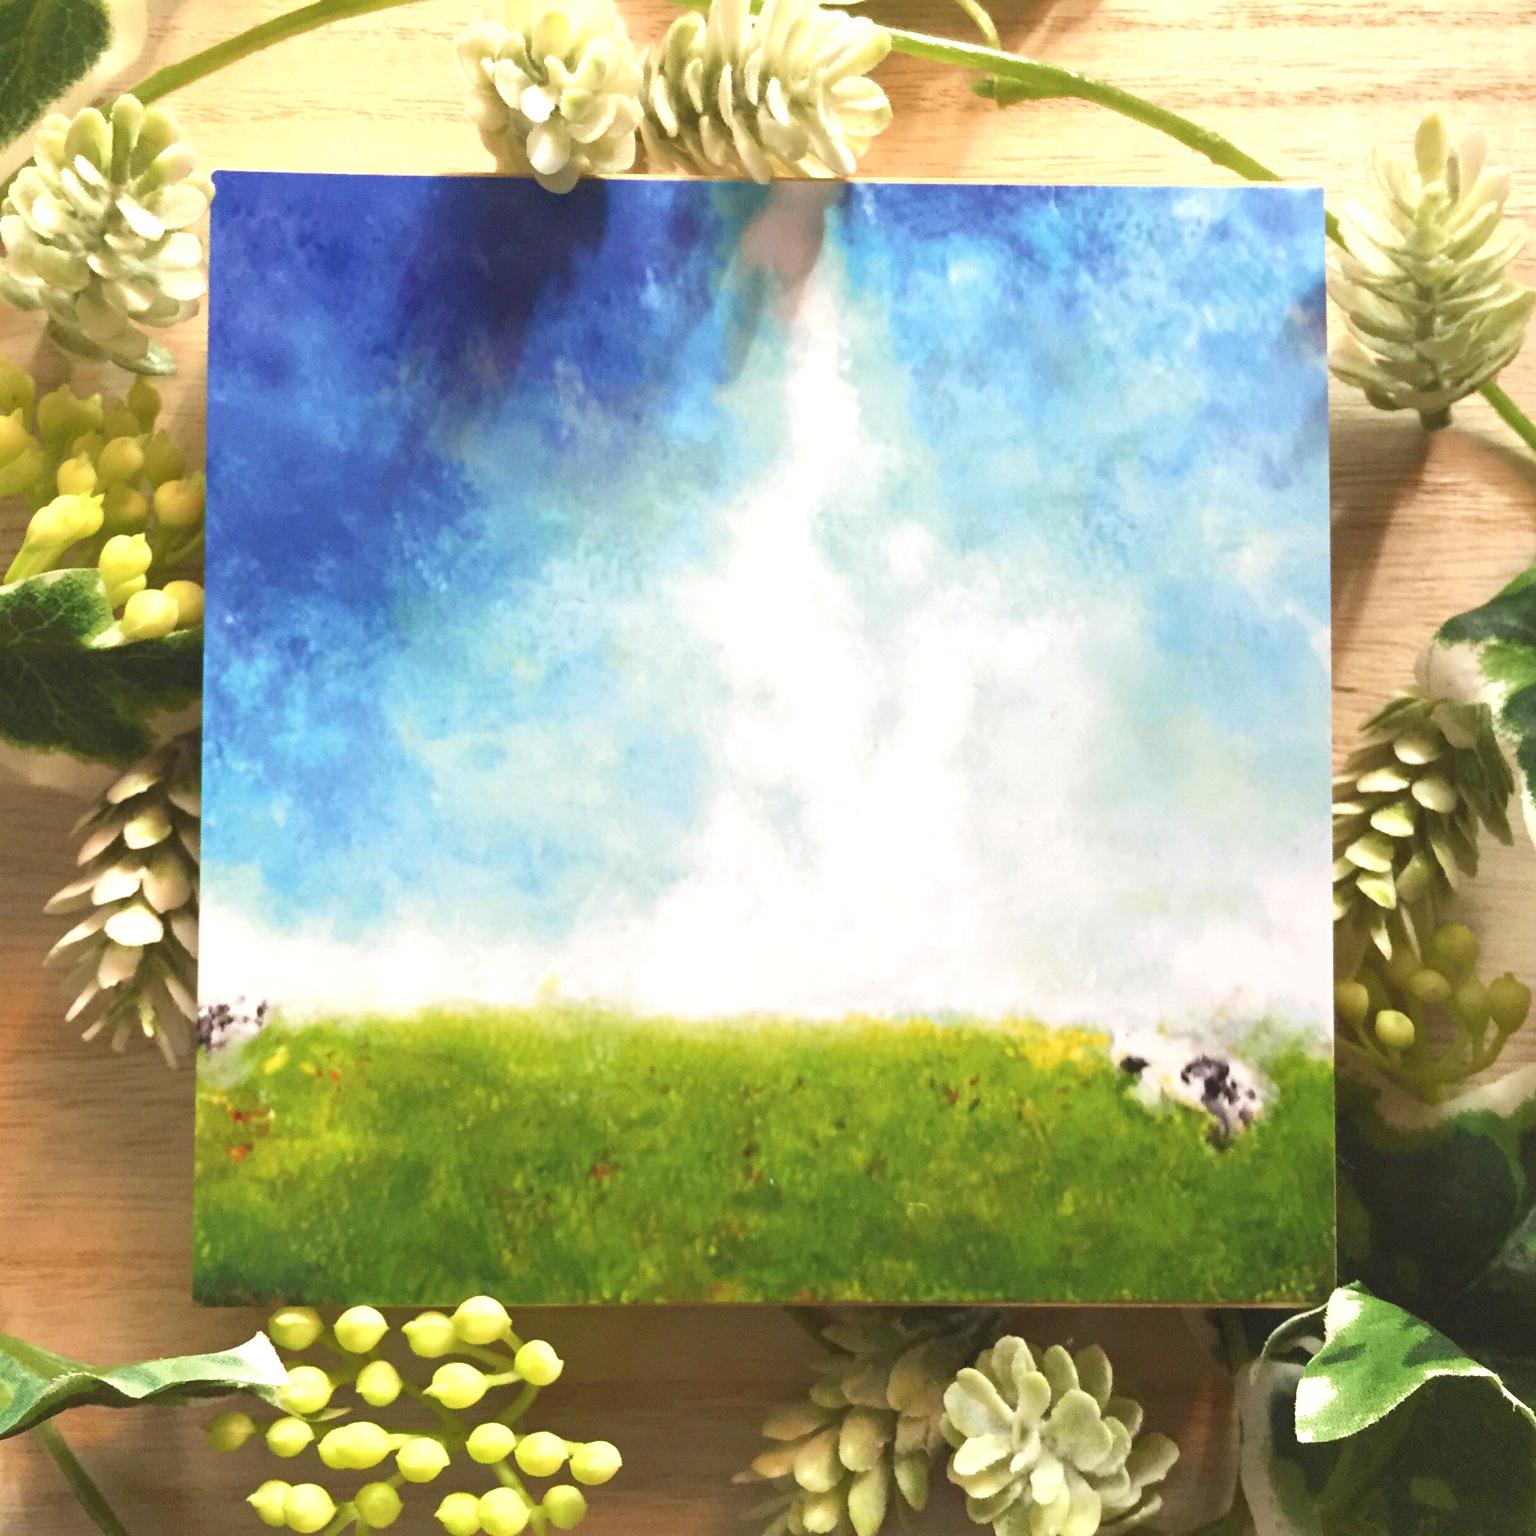 絵画 インテリア アートパネル 雑貨 壁掛け 置物 おしゃれ 風景画 抽象画 ロココロ 画家 : MP 作品 : ときはなつ